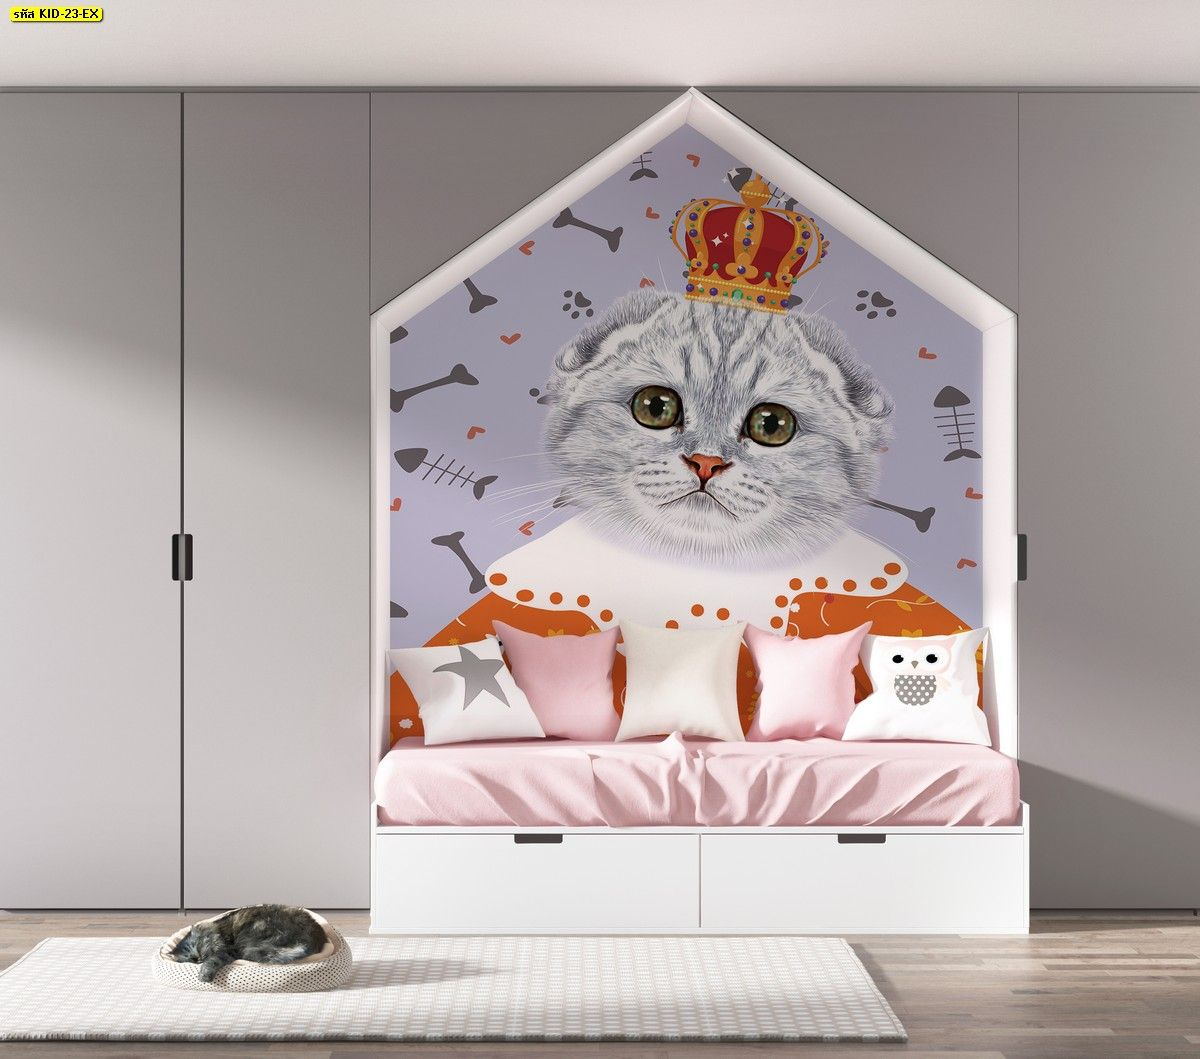 ห องนอนเด ก ร ปแมวต ดห อง วอลเปเปอร ห องเด ก ห องนอนเด ก วอลเปเปอร ต ดผน ง